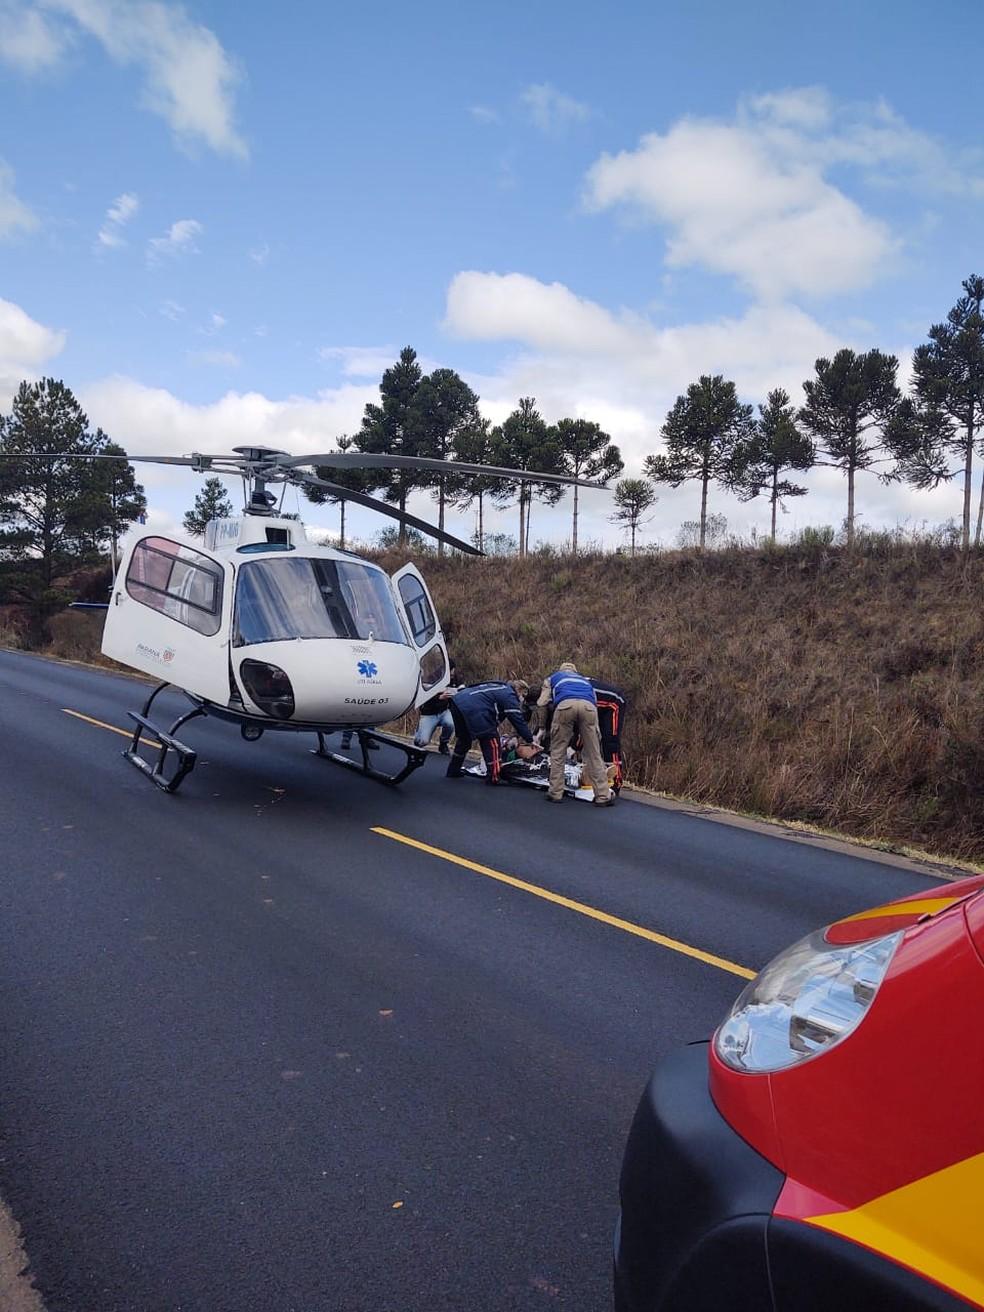 Motorista do carro foi levado de helicóptero para hospital — Foto: Divulgação/Serviço Aeromédico Campos Gerais